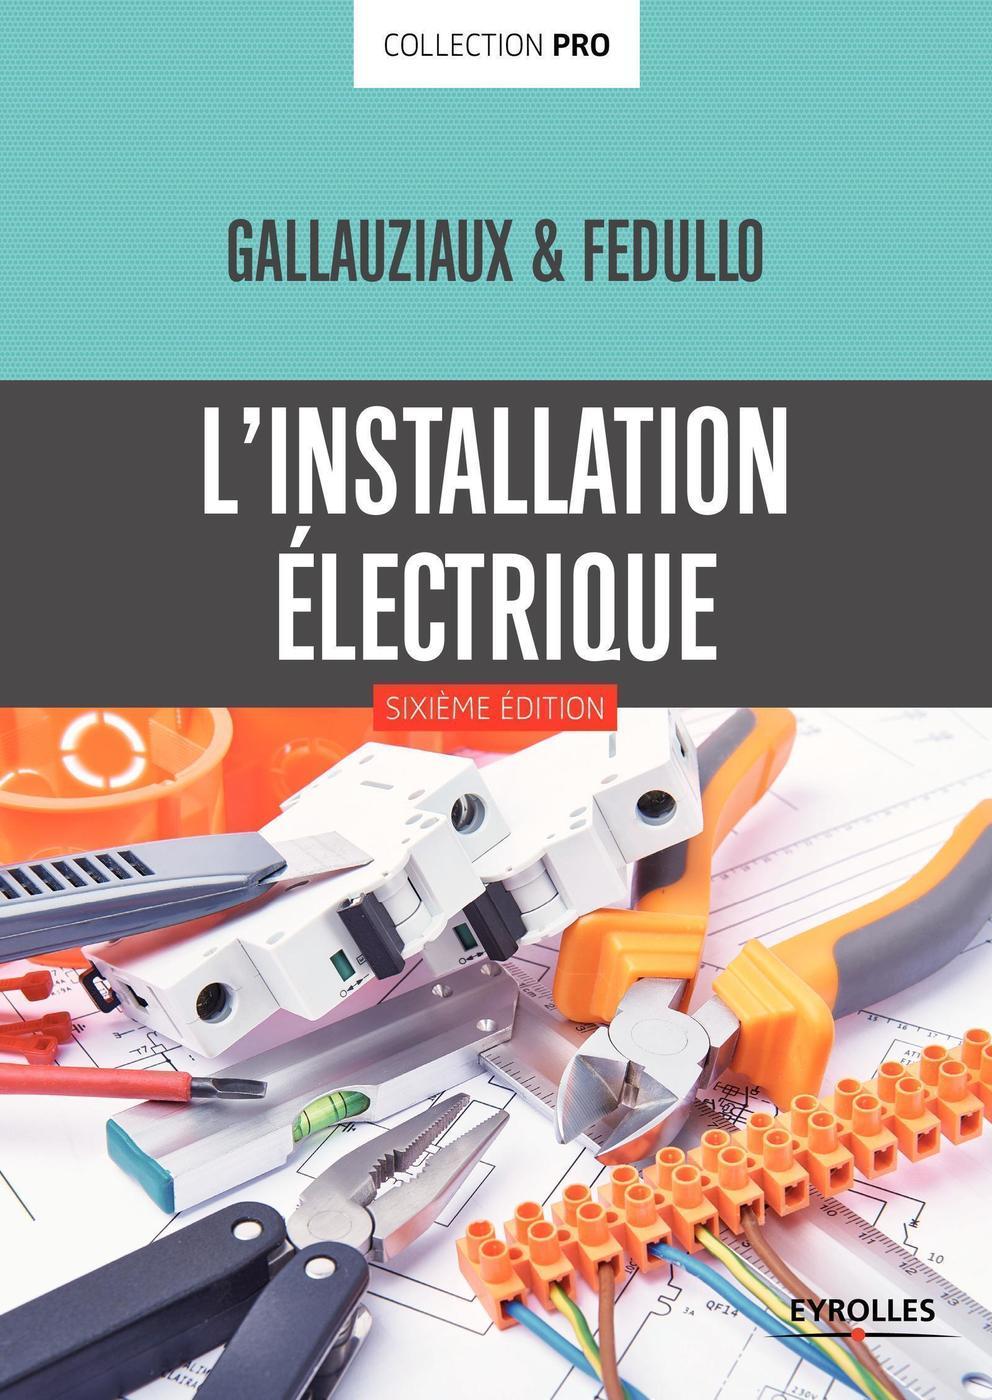 Renovation Electrique Soi Meme l'installation électrique - d.fedullo, t.gallauziaux - 6ème édition -  librairie eyrolles